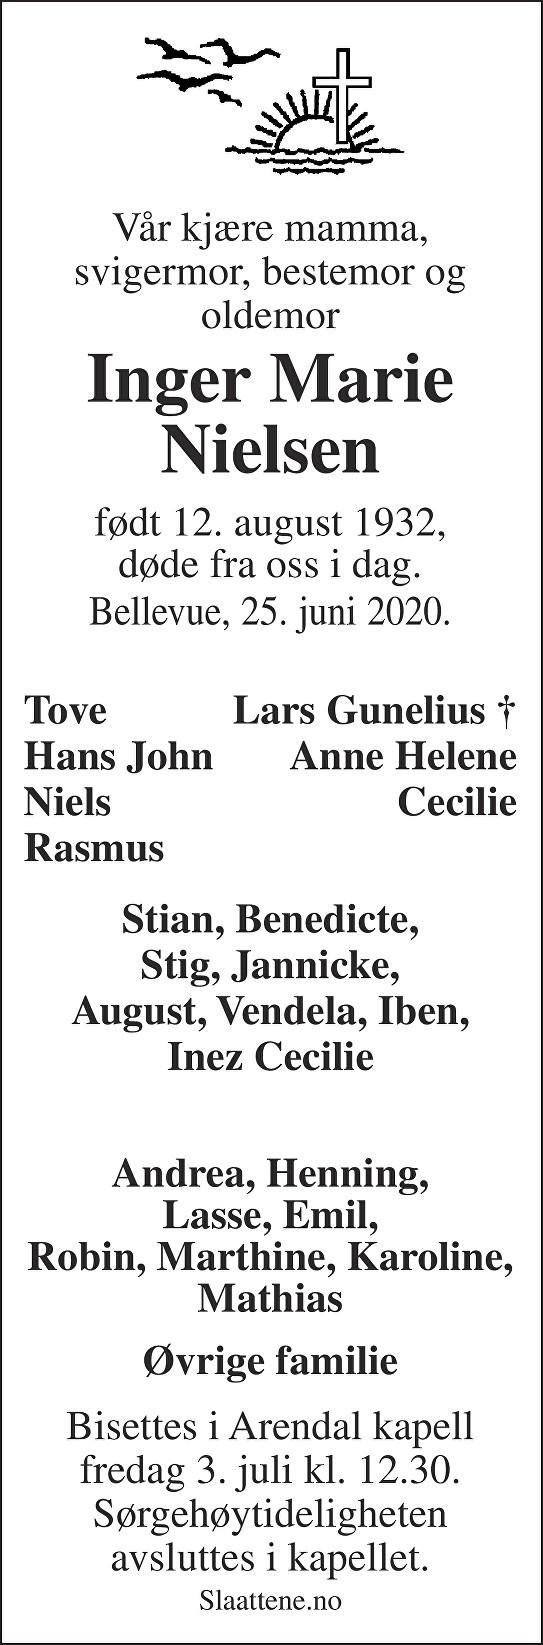 Inger Marie Nielsen Dødsannonse